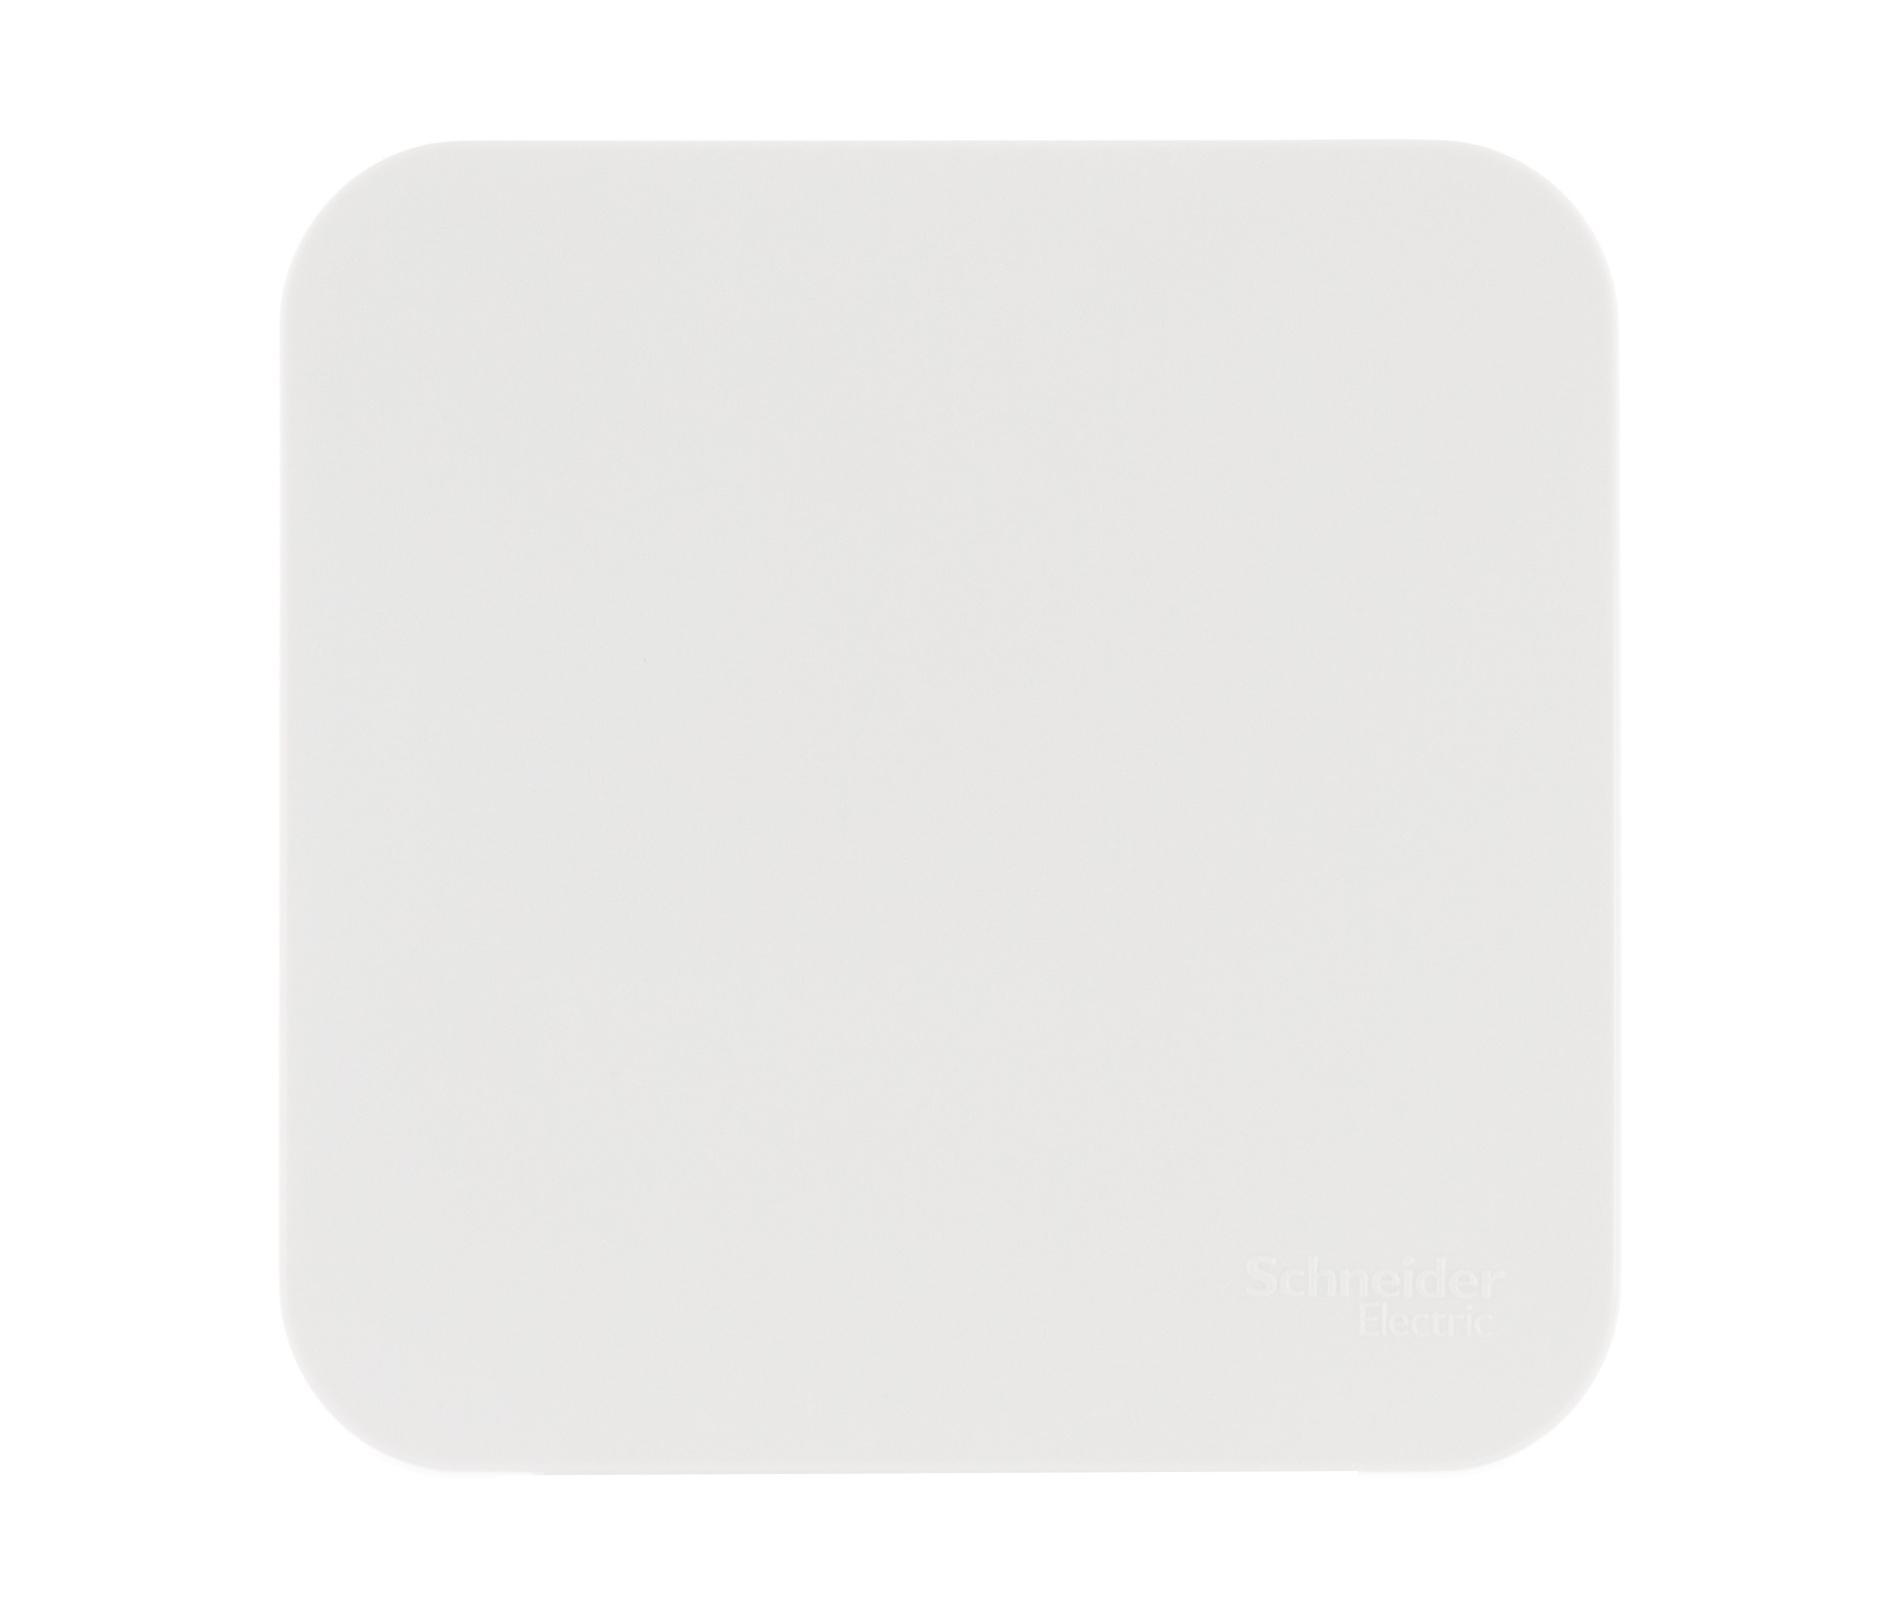 Выключатель Schneider electric Blnva101001 blanca панель лицевая schneider electric actassi 1 модуль белый 24 шт vdi88240